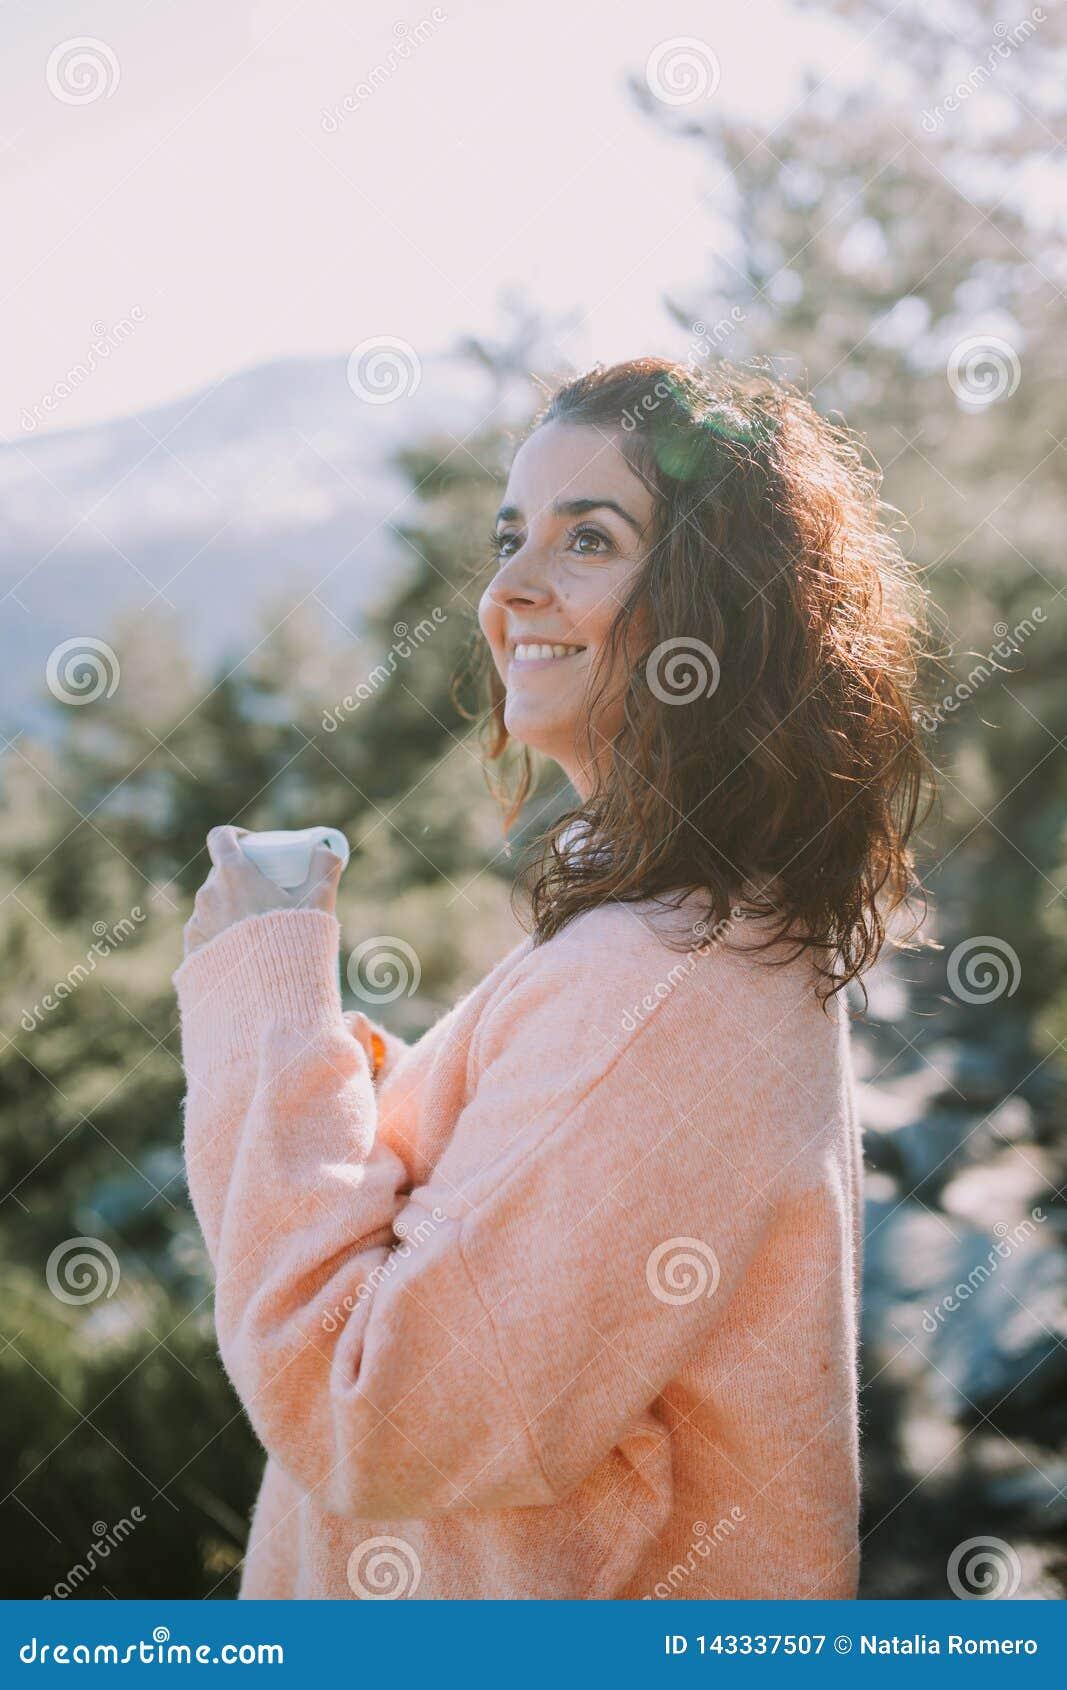 Sonrisas morenas de la muchacha feliz como ella ase una botella de agua y de miradas en el paisaje hermoso delante de ella